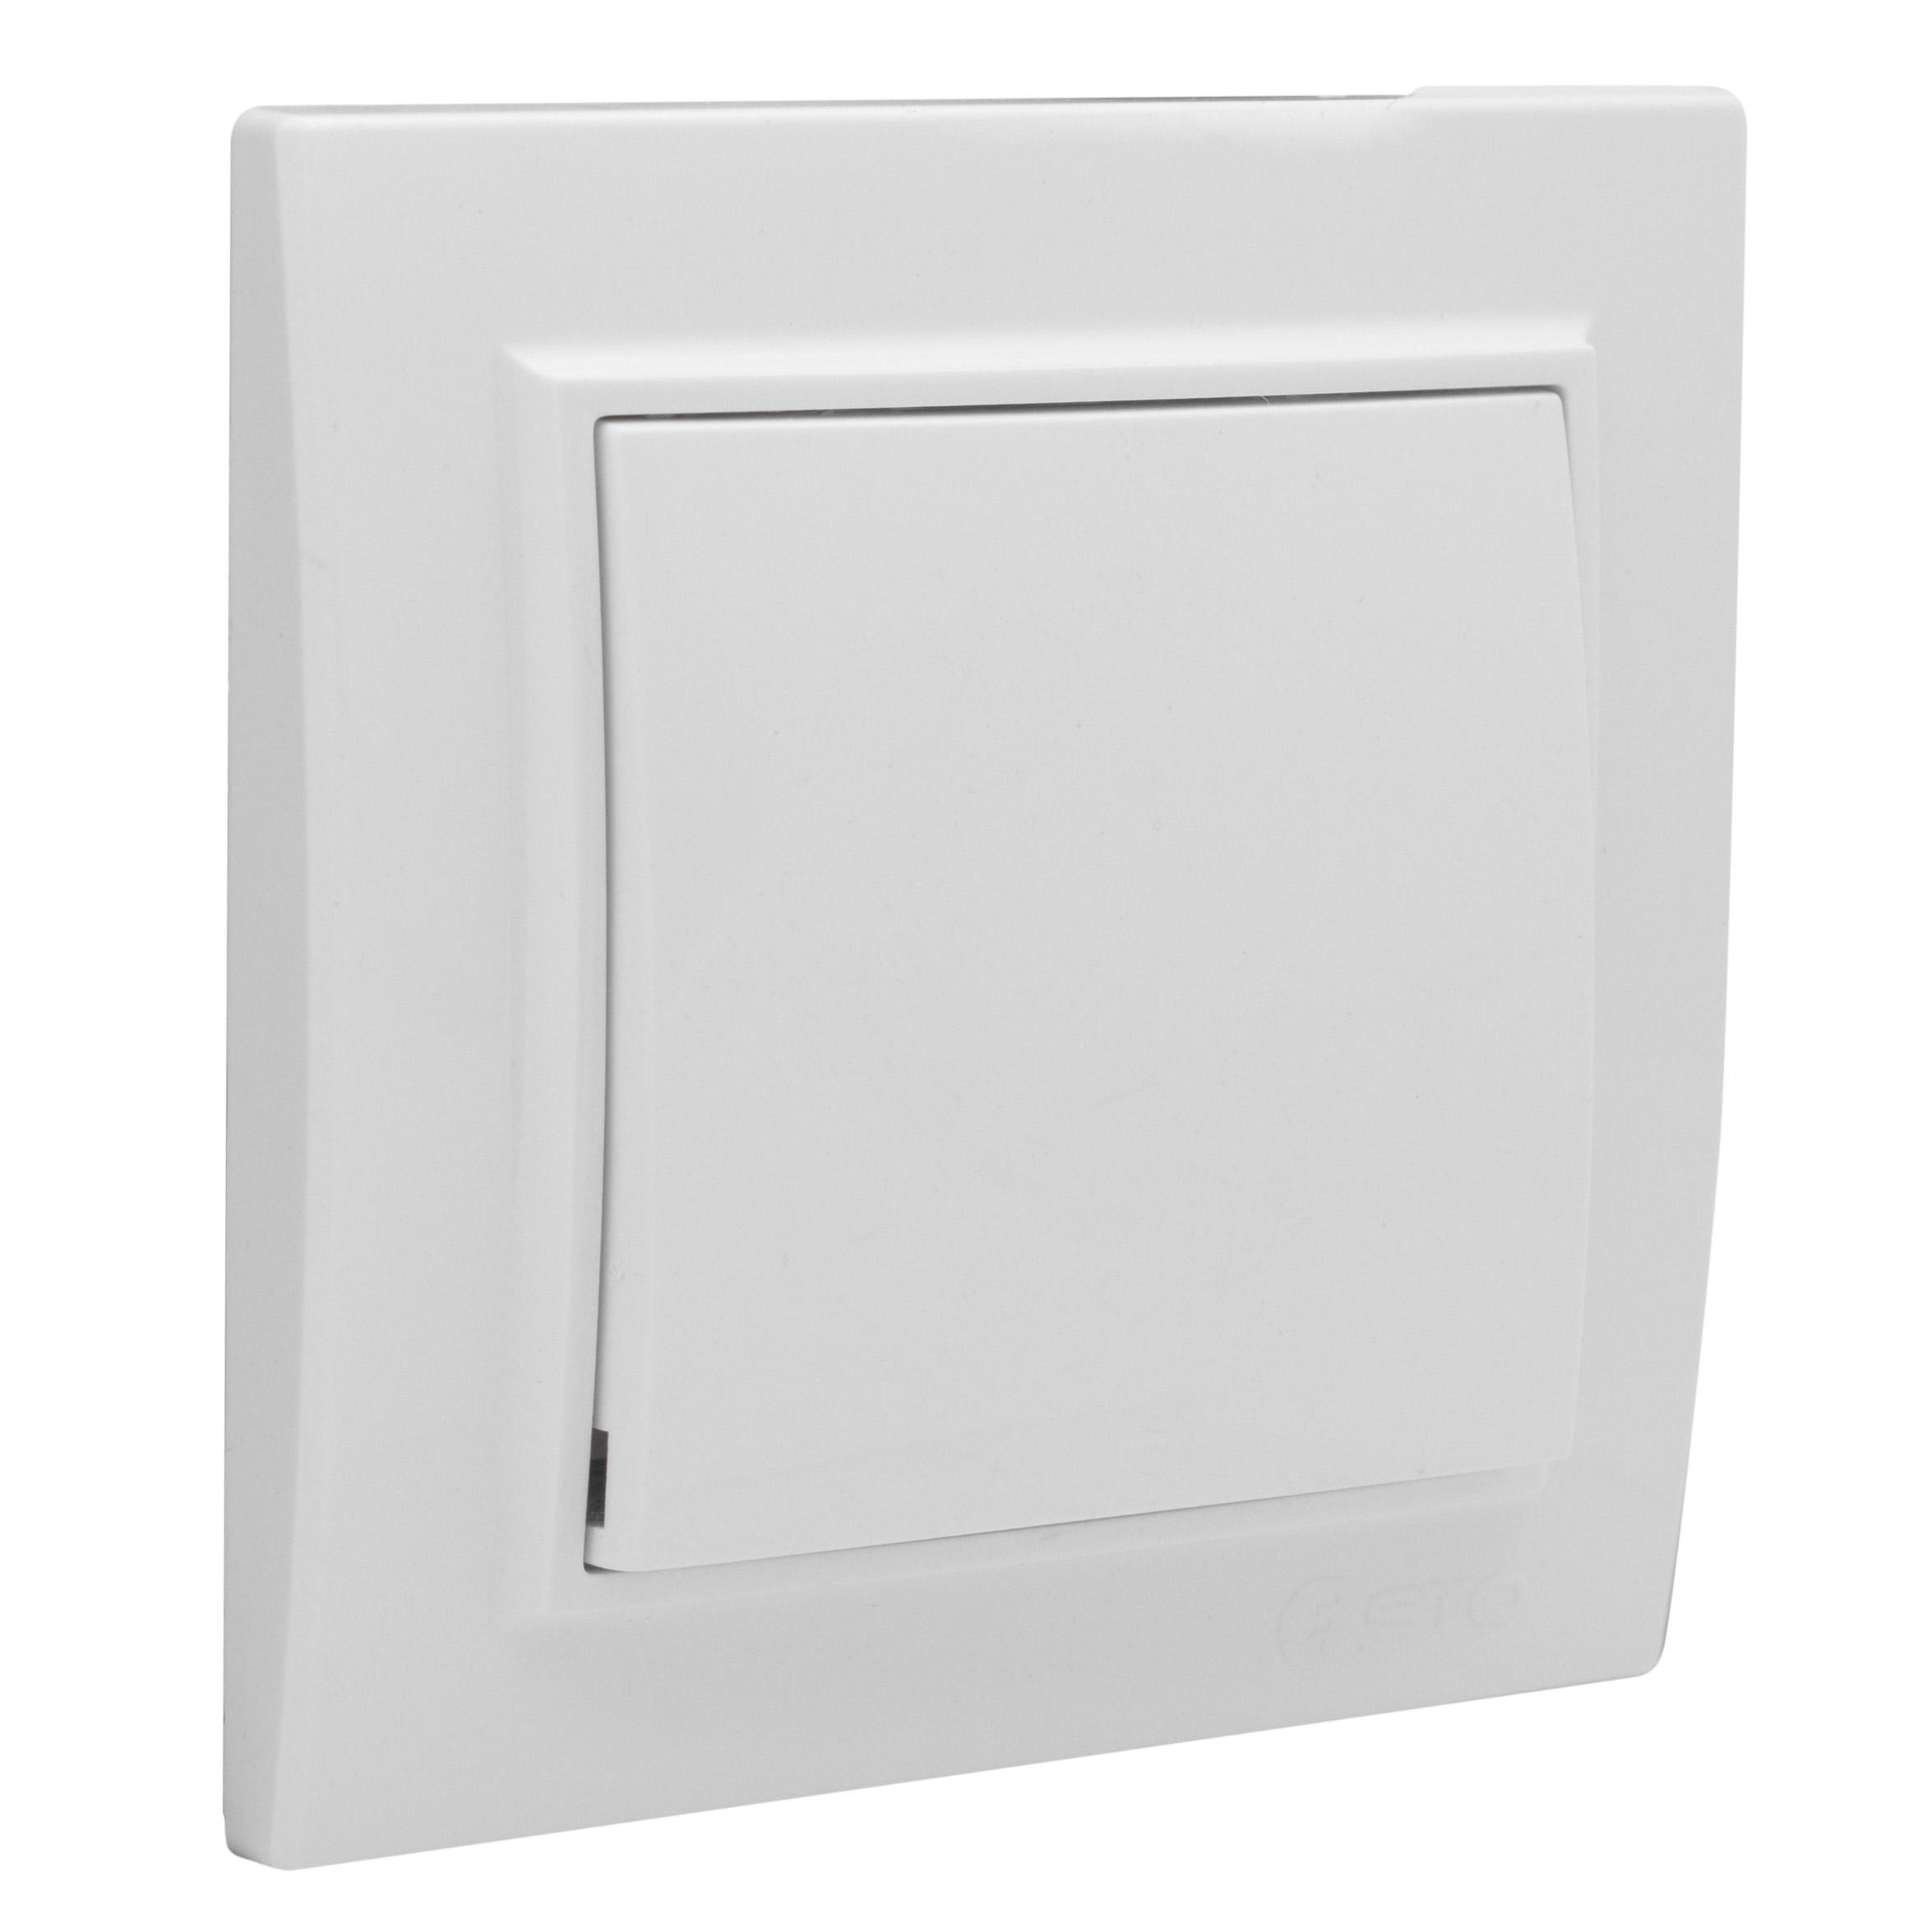 Выключатель 1-кл. Минск СП 10А проходной белый